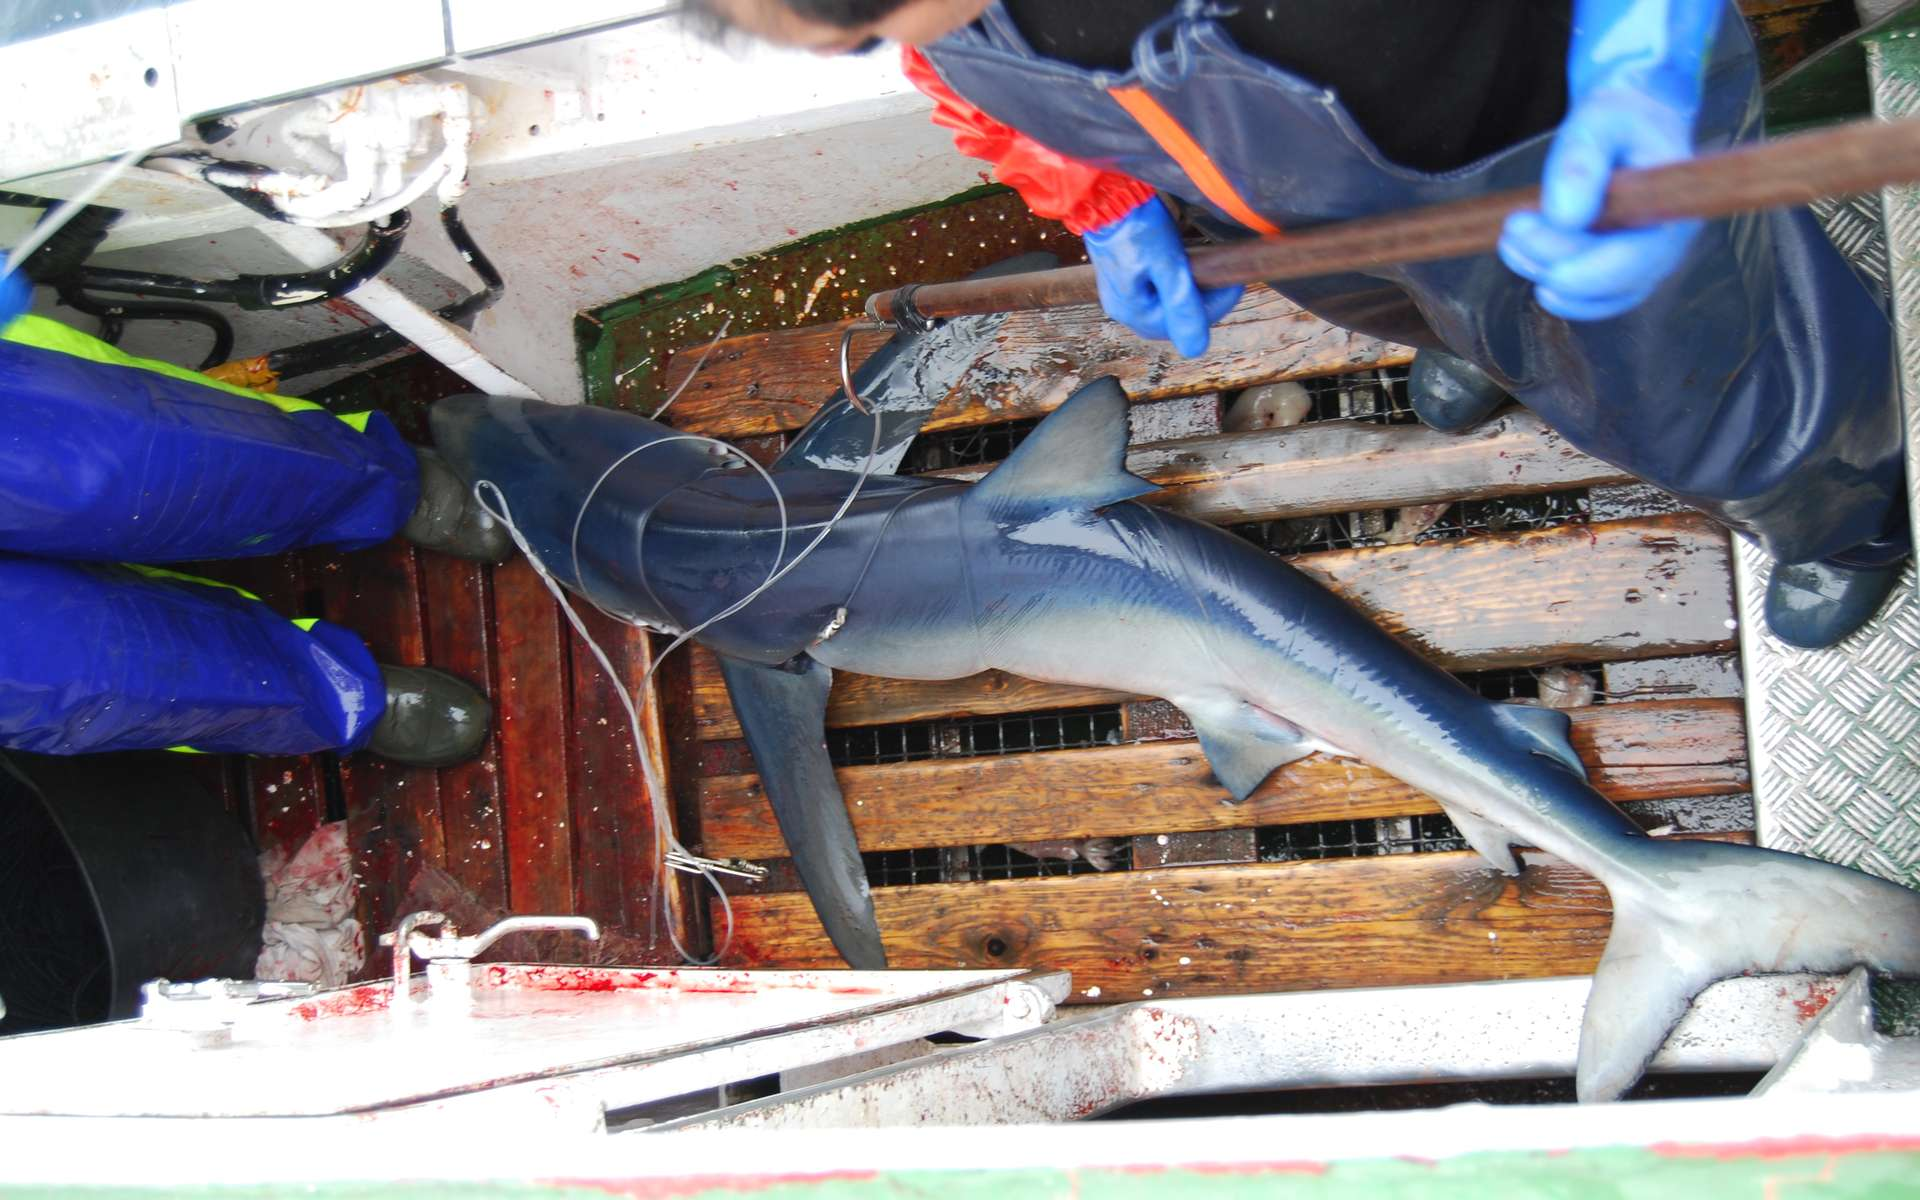 Un requin peau bleue qui vient d'être pêché à la palangre. Là où il y a des aimants, la pêche est meilleure, au grand dam de cette espèce menacée… © Sébastián Biton Porsmoguer